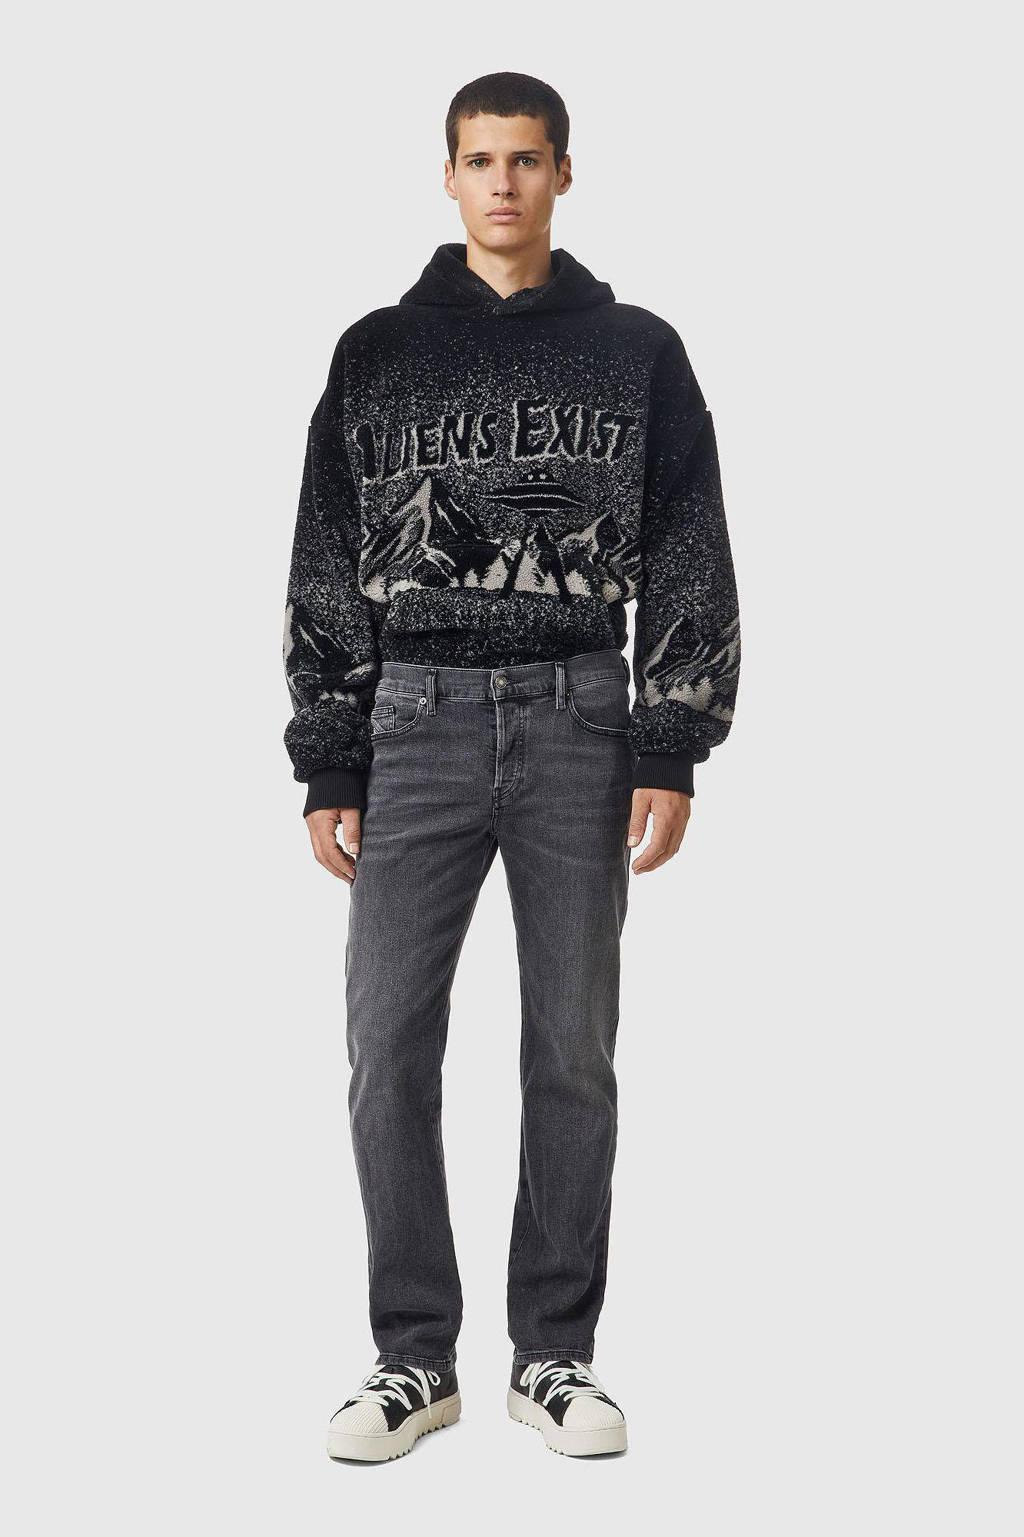 Diesel straight fit jeans D-MIHTRY 02 black denim, 02 Black Denim